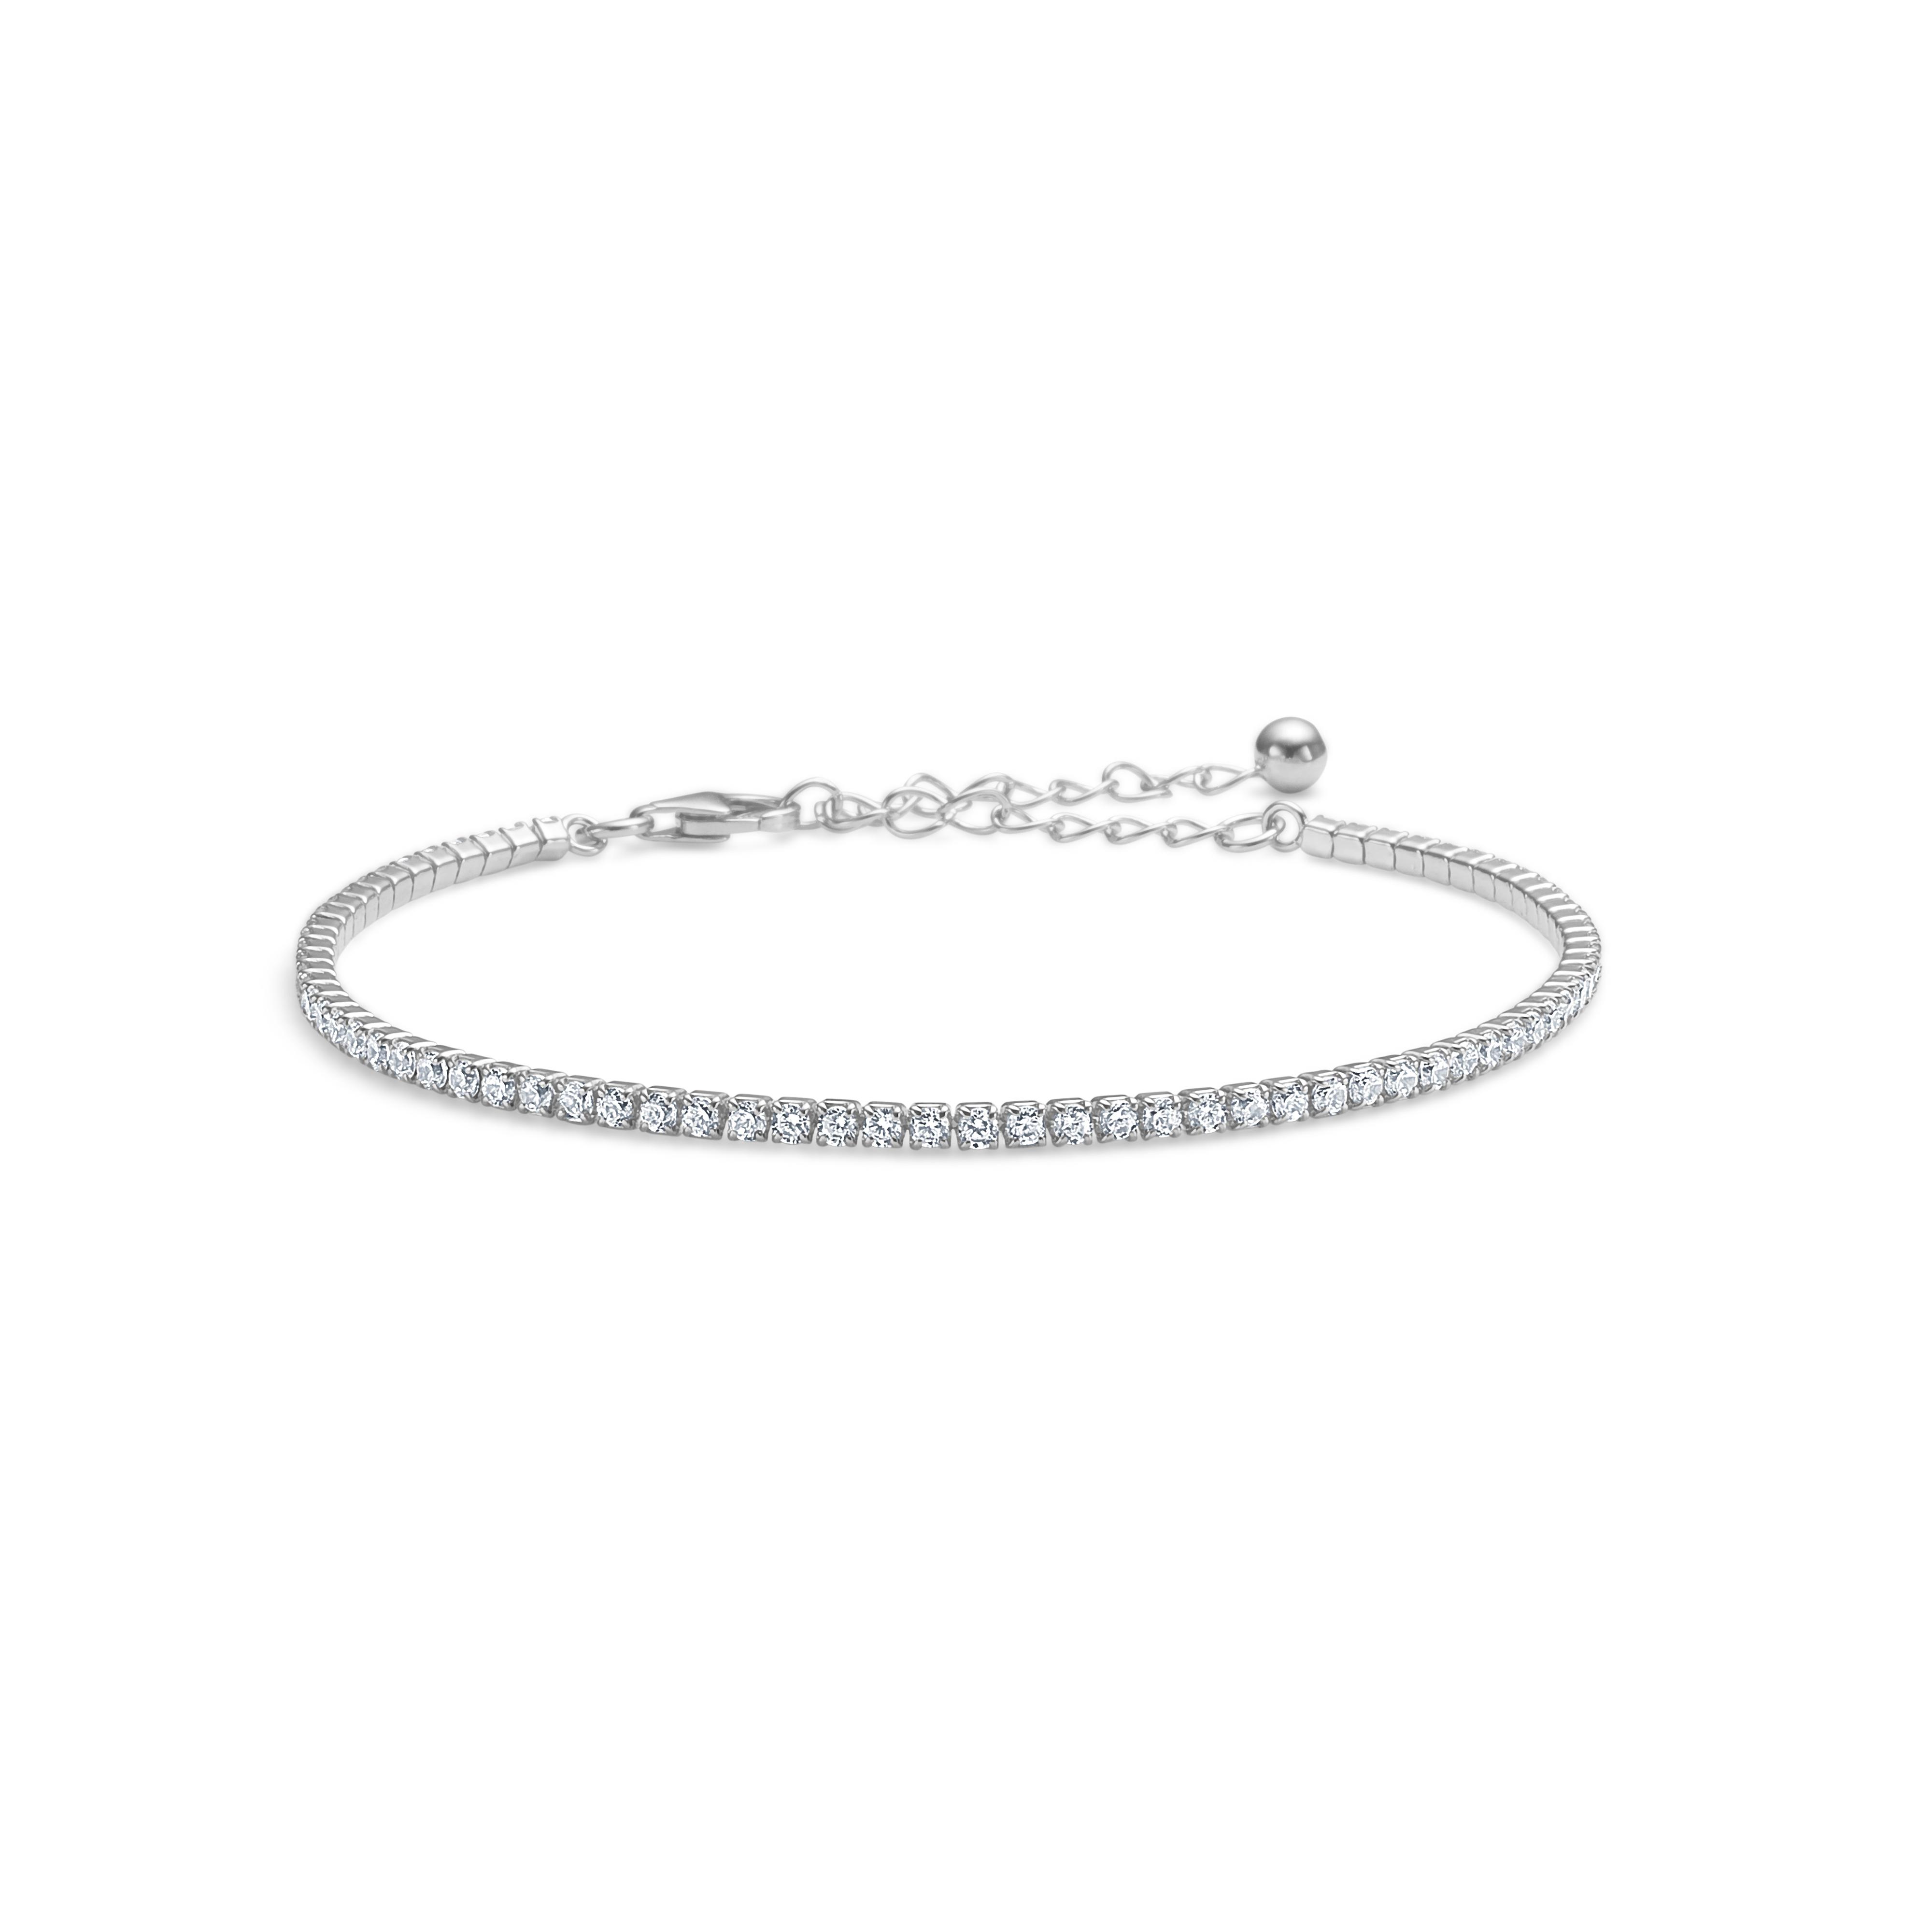 mads ziegler – Sølv tennisarmbånd precious peak small - 8157097 på brodersen + kobborg